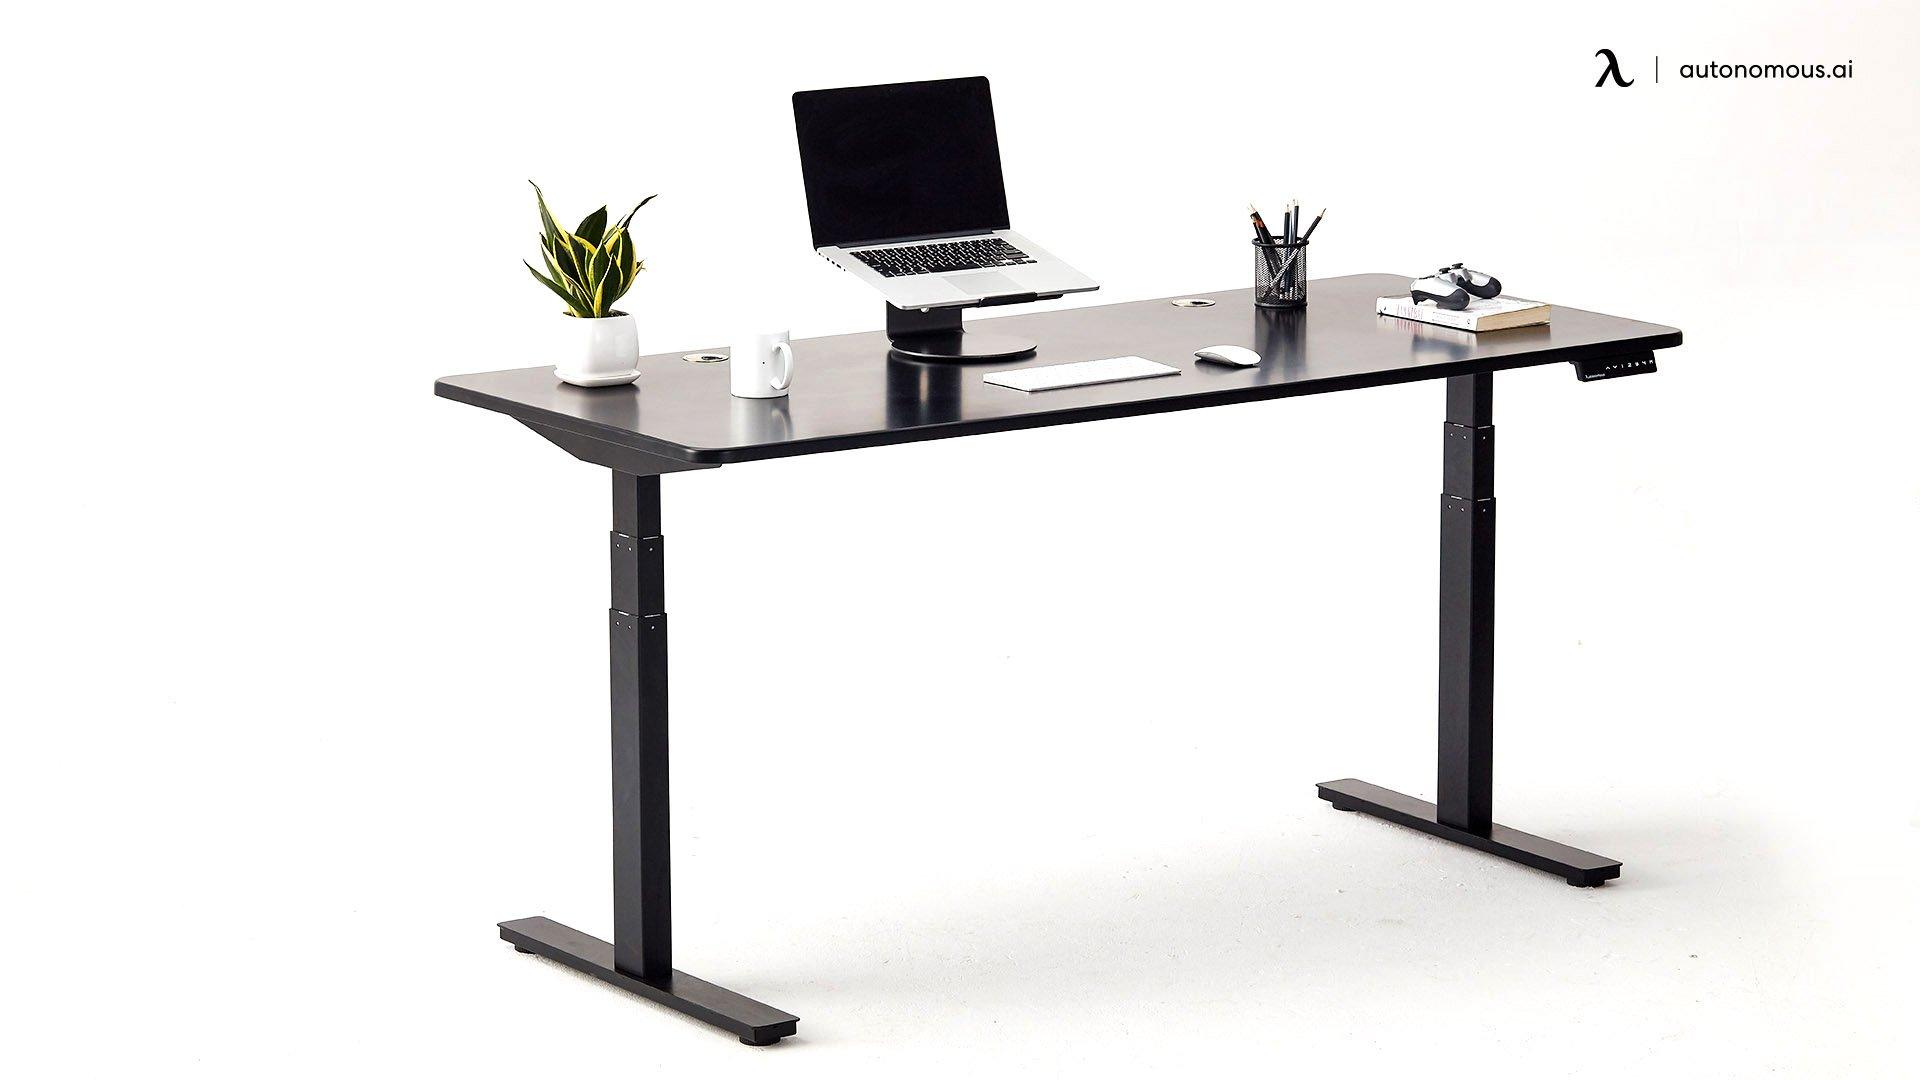 Autonomous SmartDesk 2 Business Electric Standing Desk Under $500